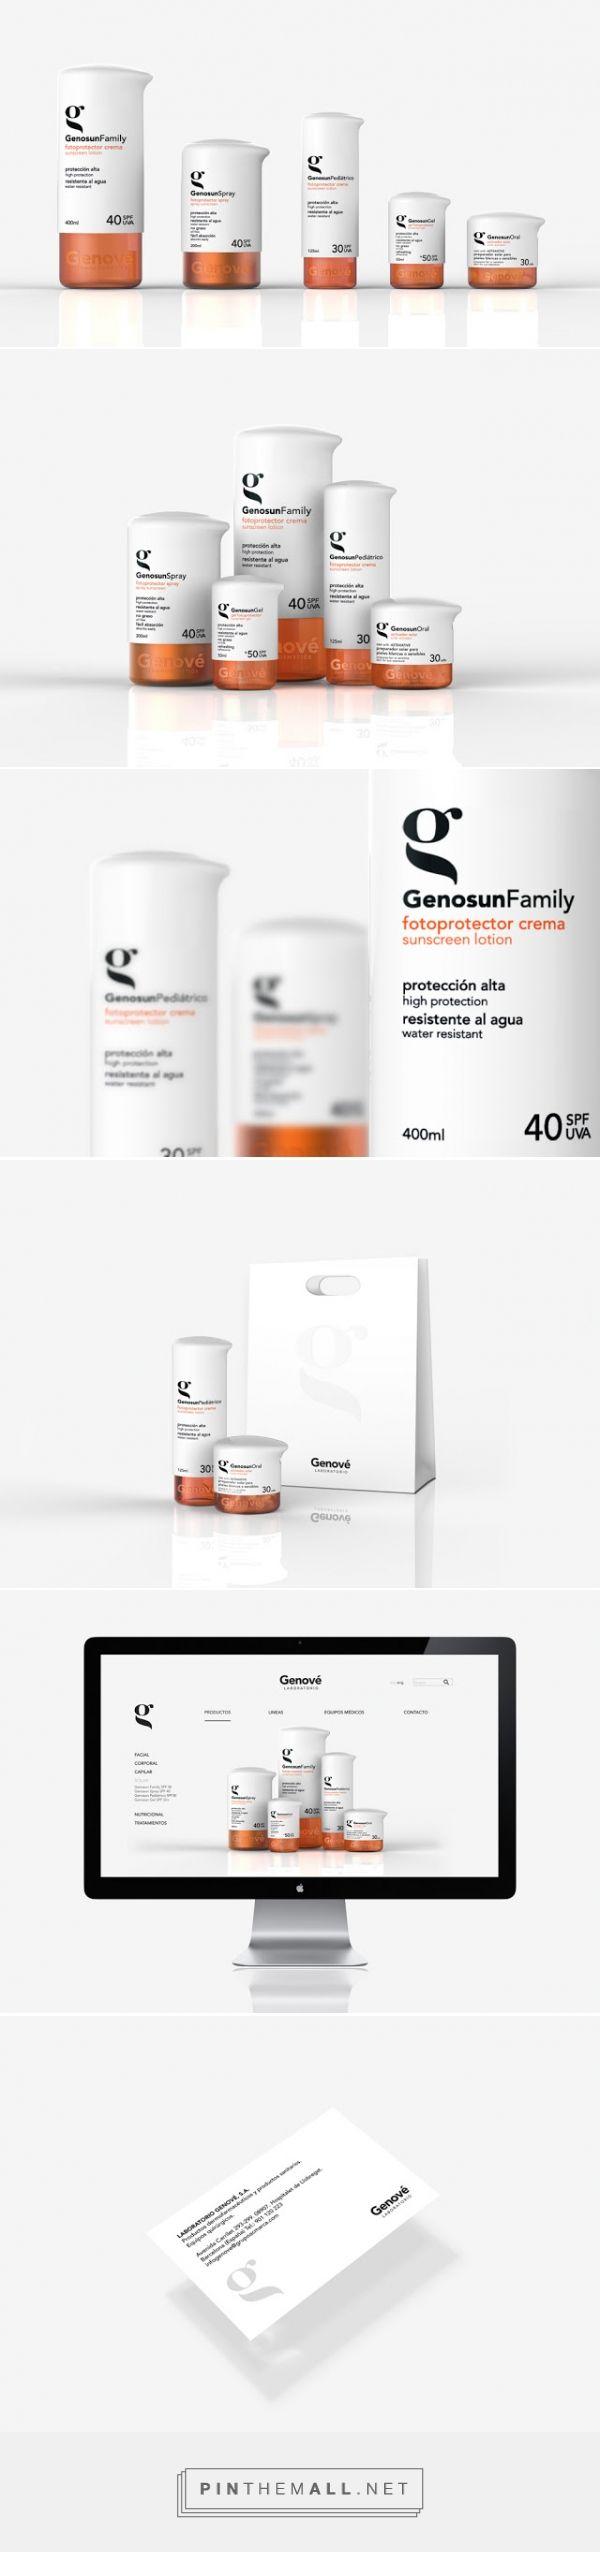 Genové #concept #packaging by Laia Fusté, Paula Sánchez, Laia Truque, & Miriam Vilaplana - http://www.packagingoftheworld.com/2015/02/genove-student-project.html